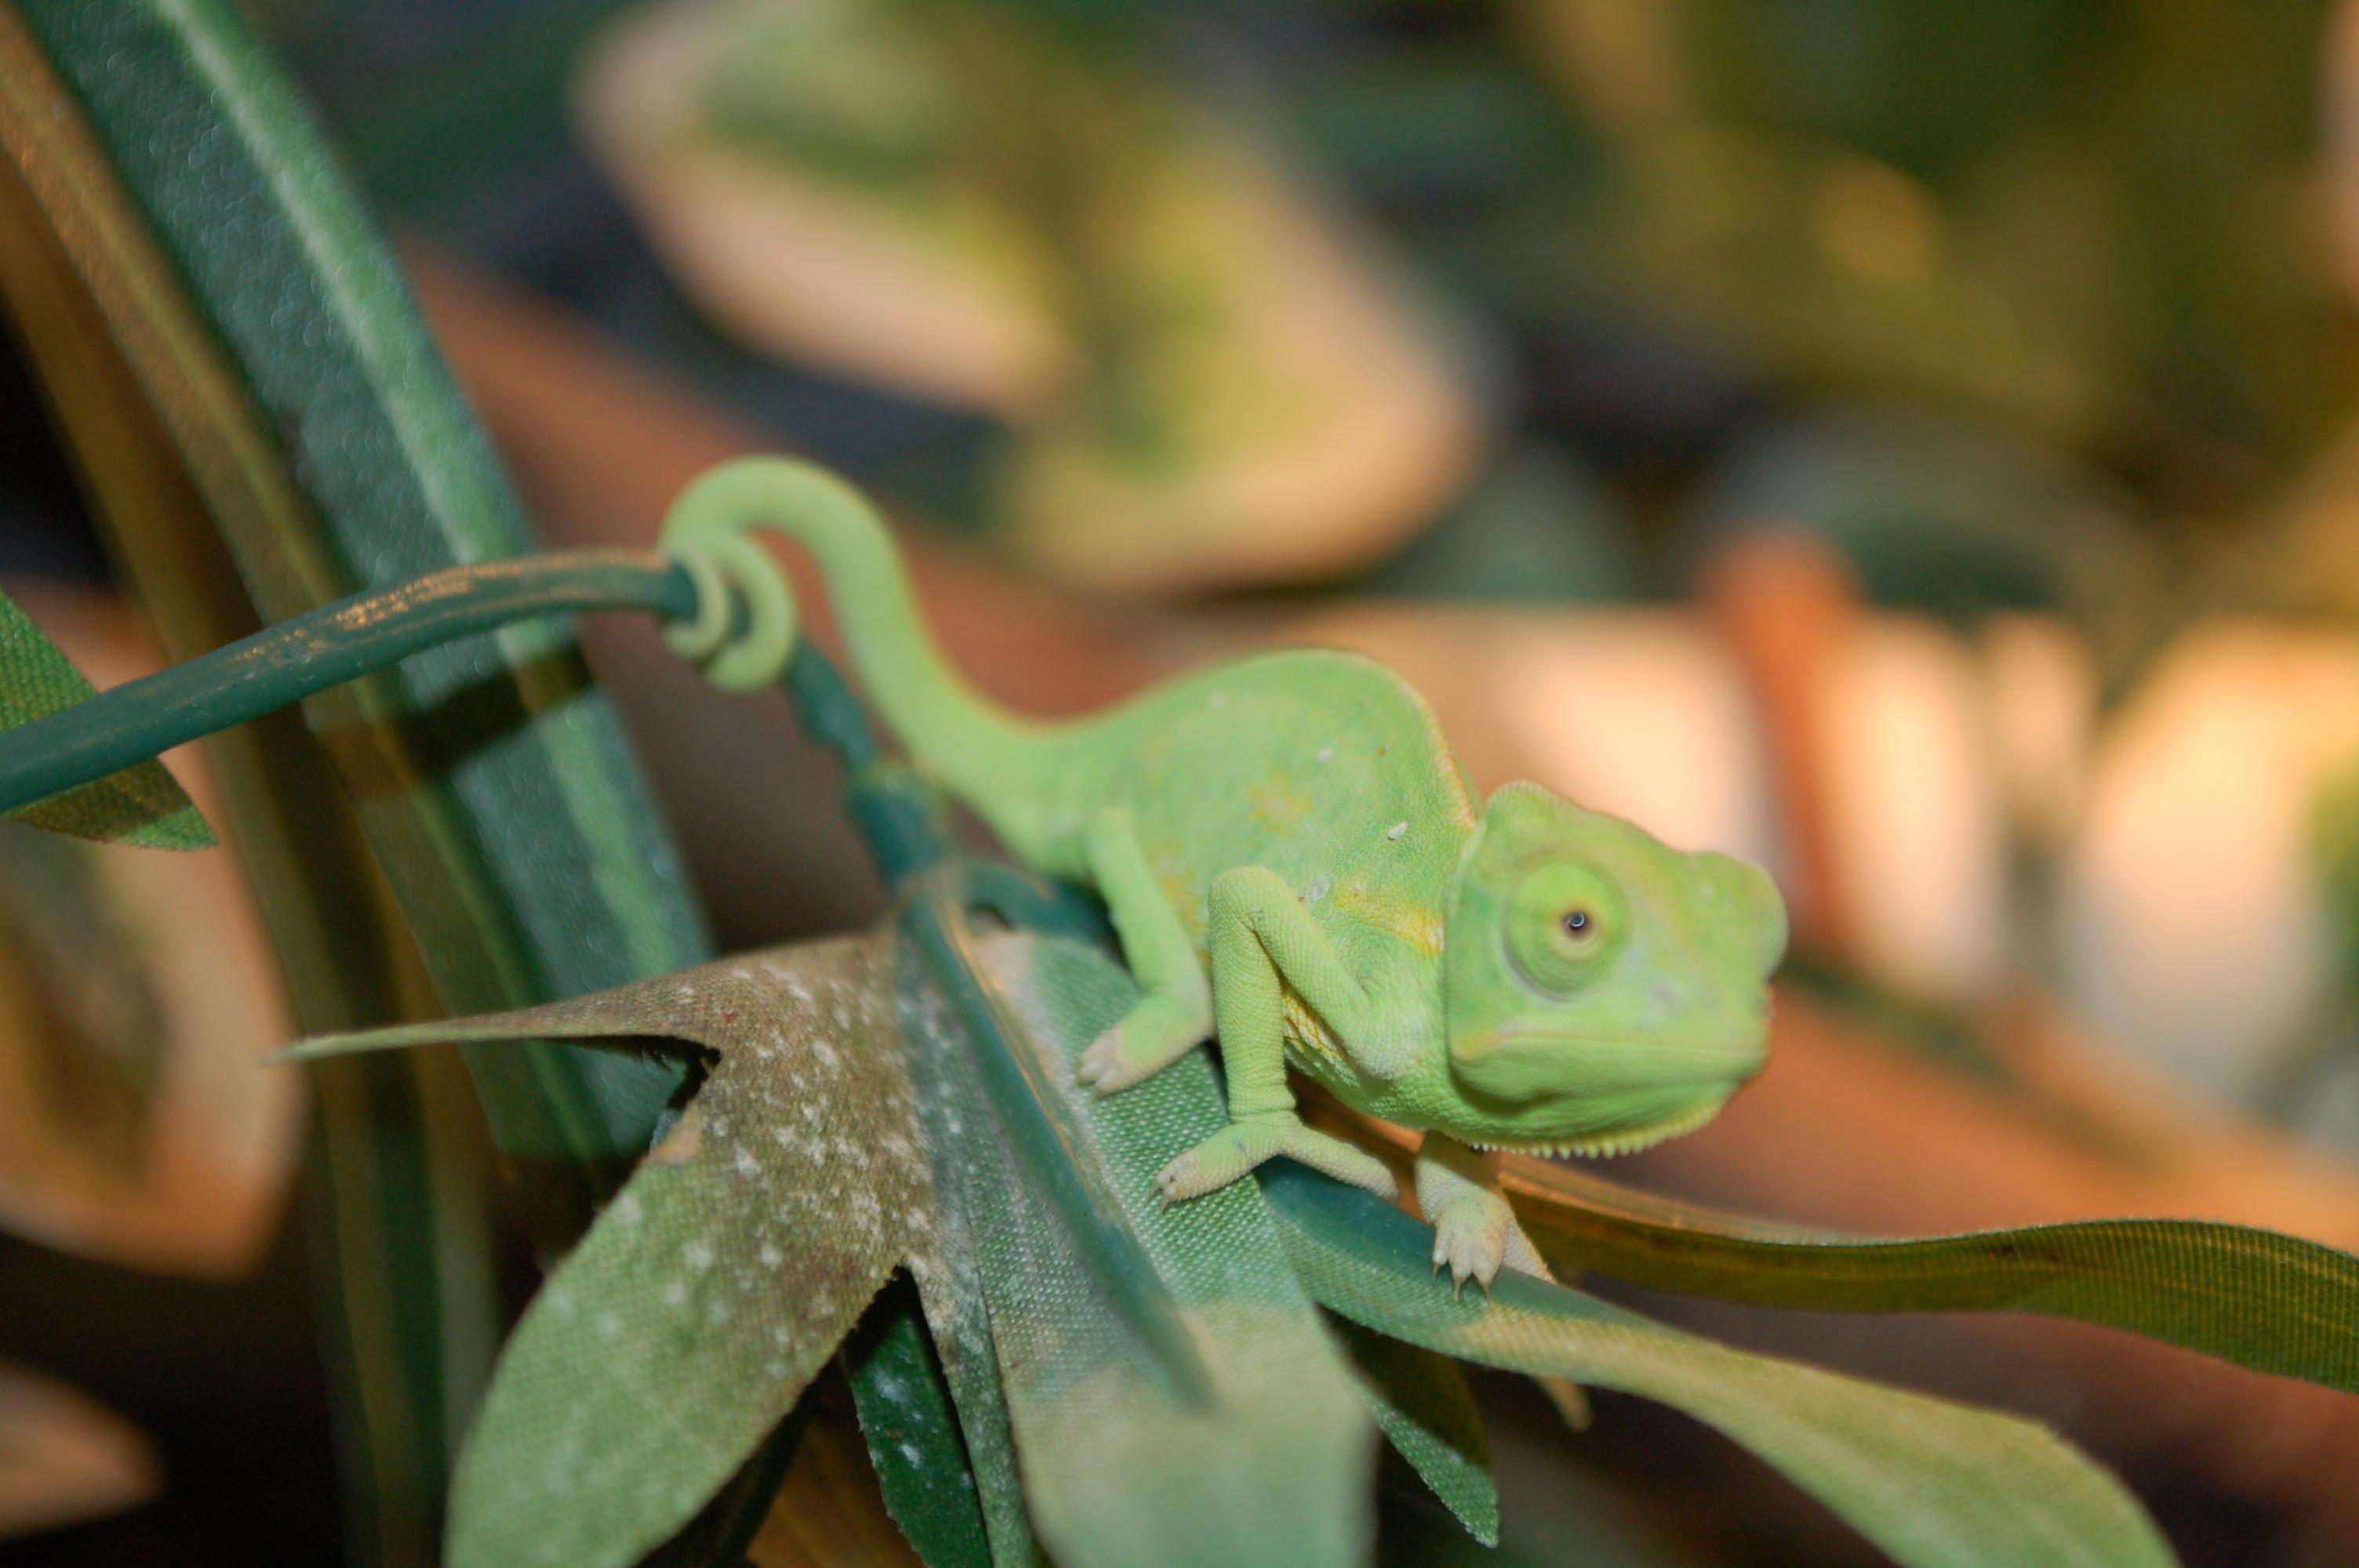 Custom Creatures Captive Bred Reptiles